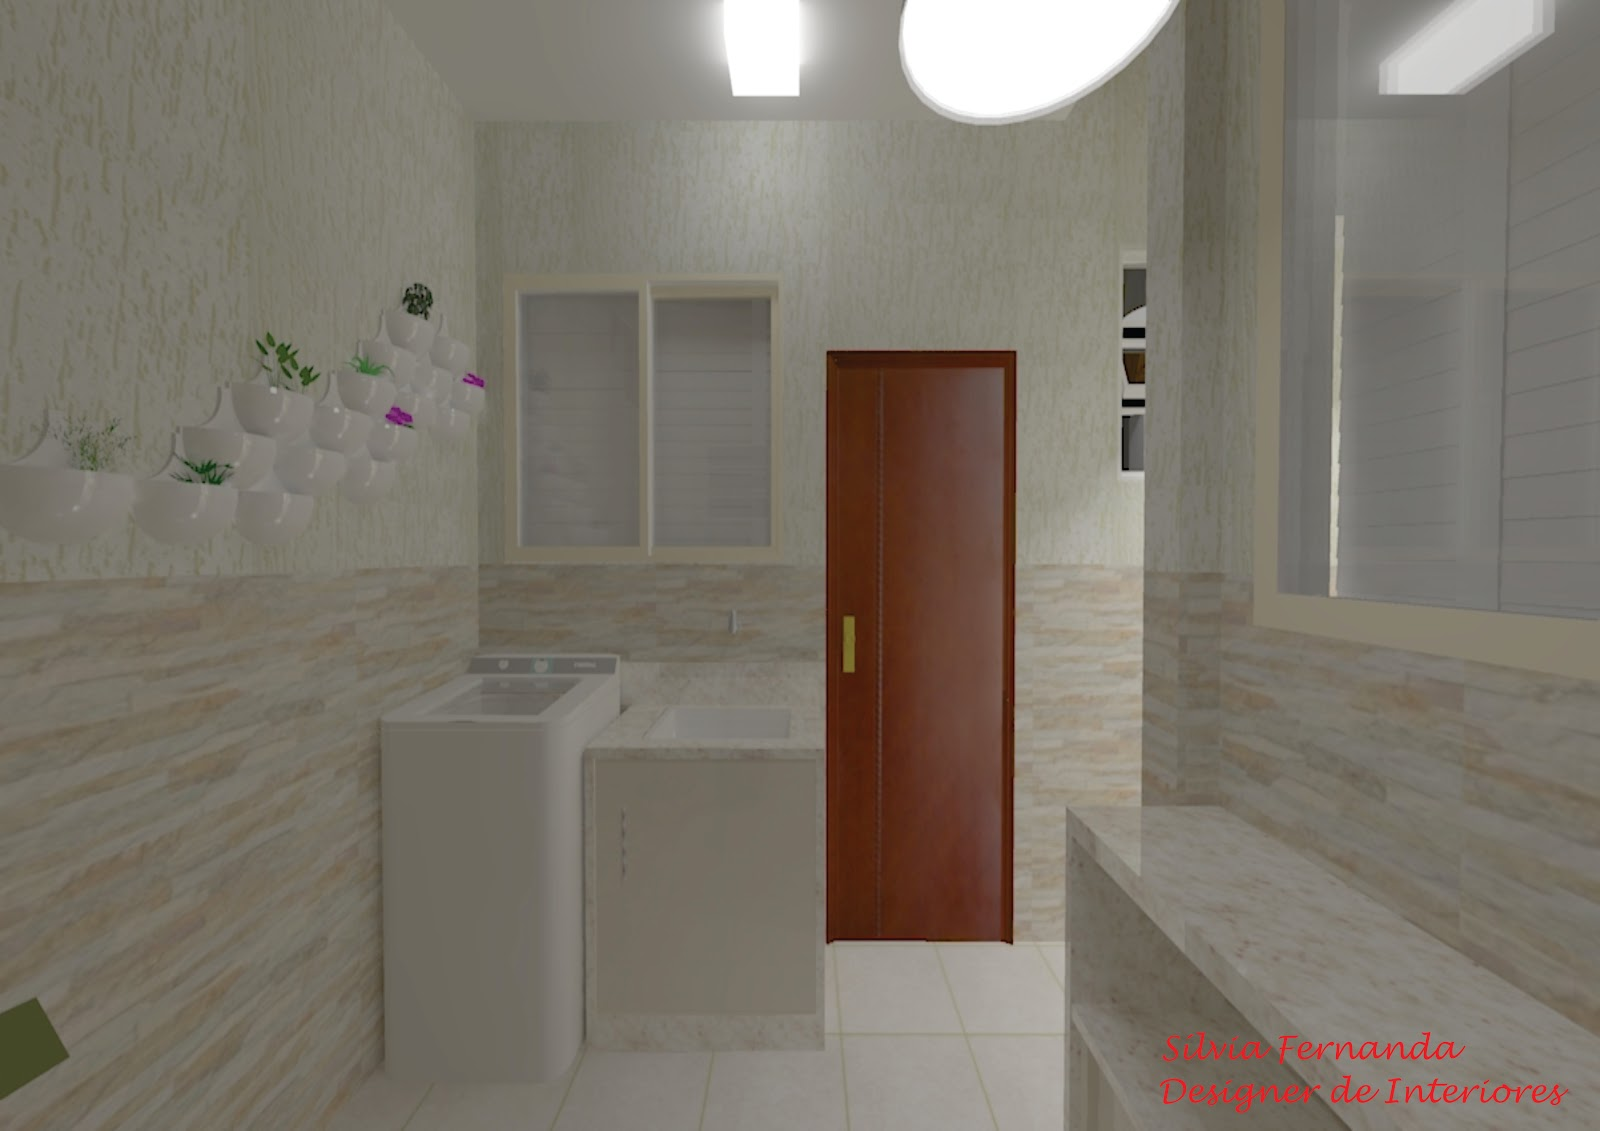 Criar Interiores : Banheiro azul e branco #4C2813 1600x1131 Banheiro Branco E Azul